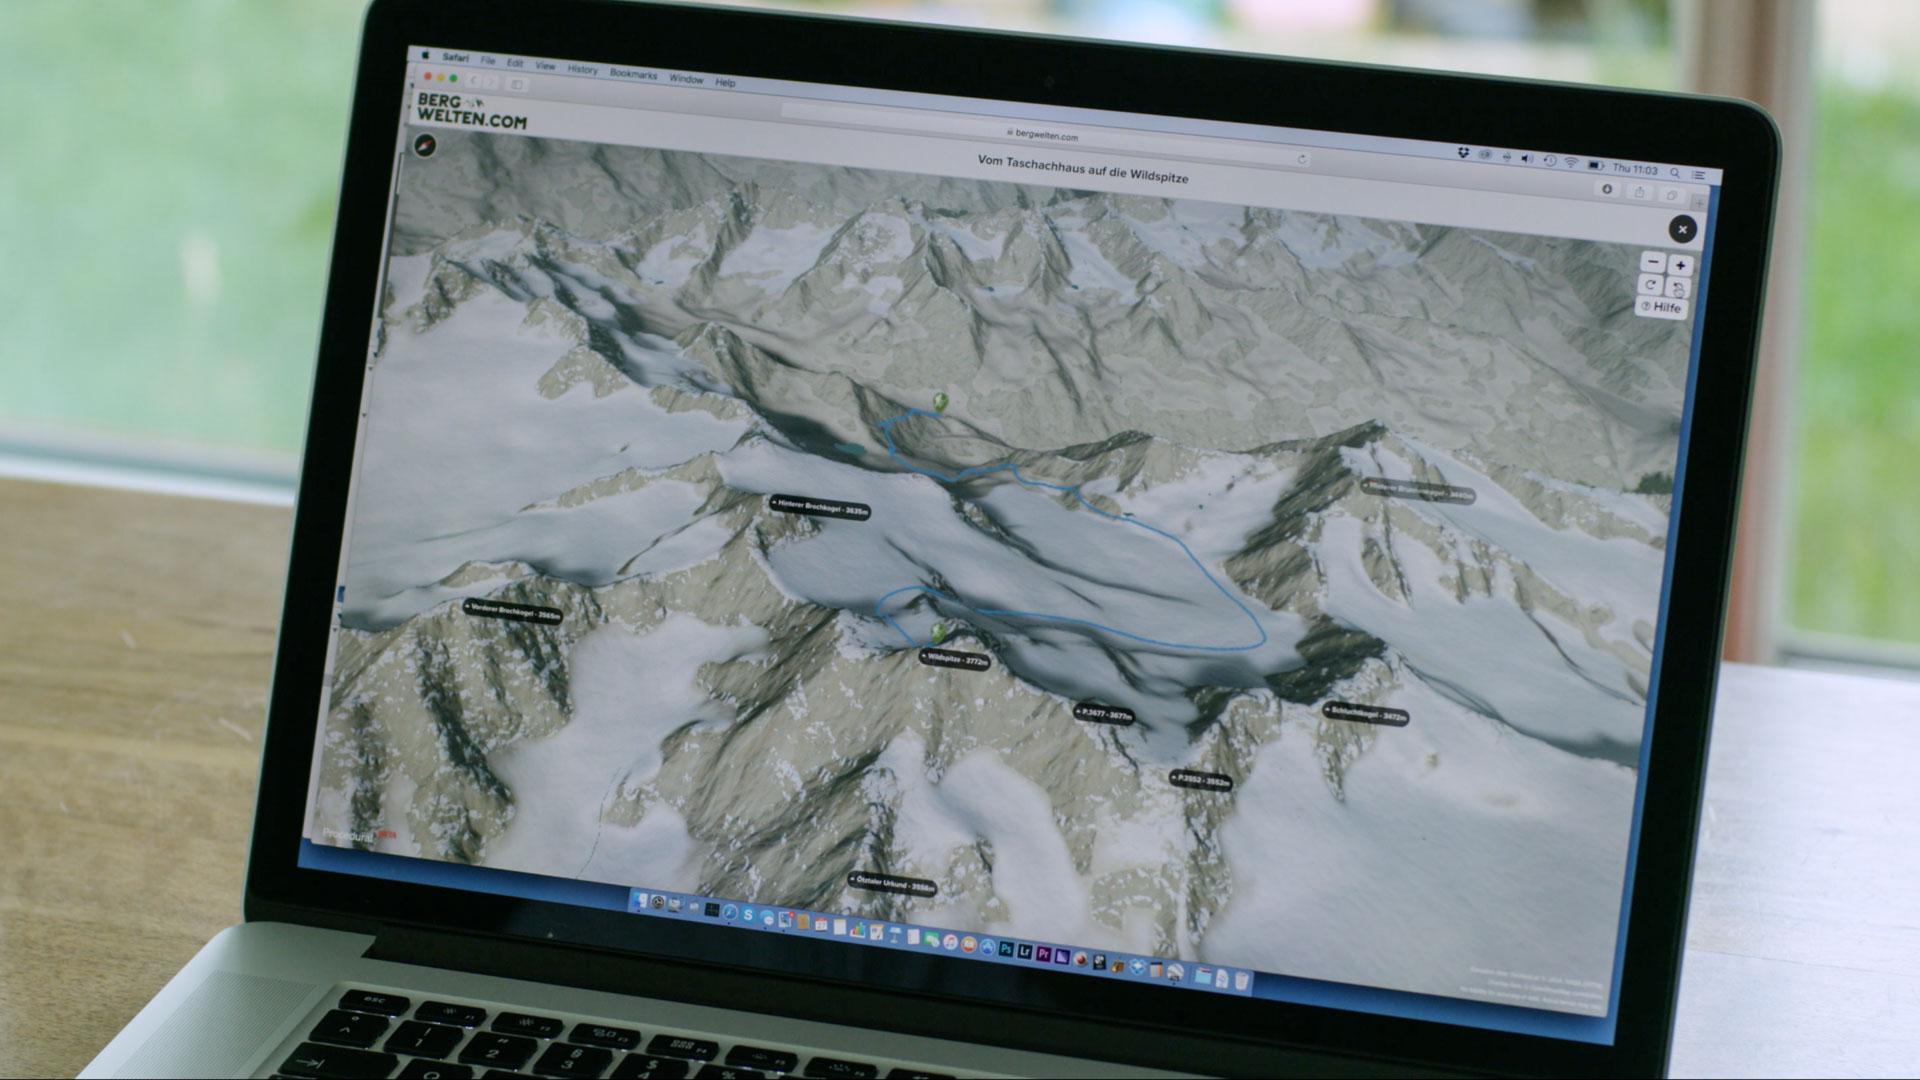 tourenplanung-mit-onlinekarten-fuer-bergtouren-und-hochtouren.jpg